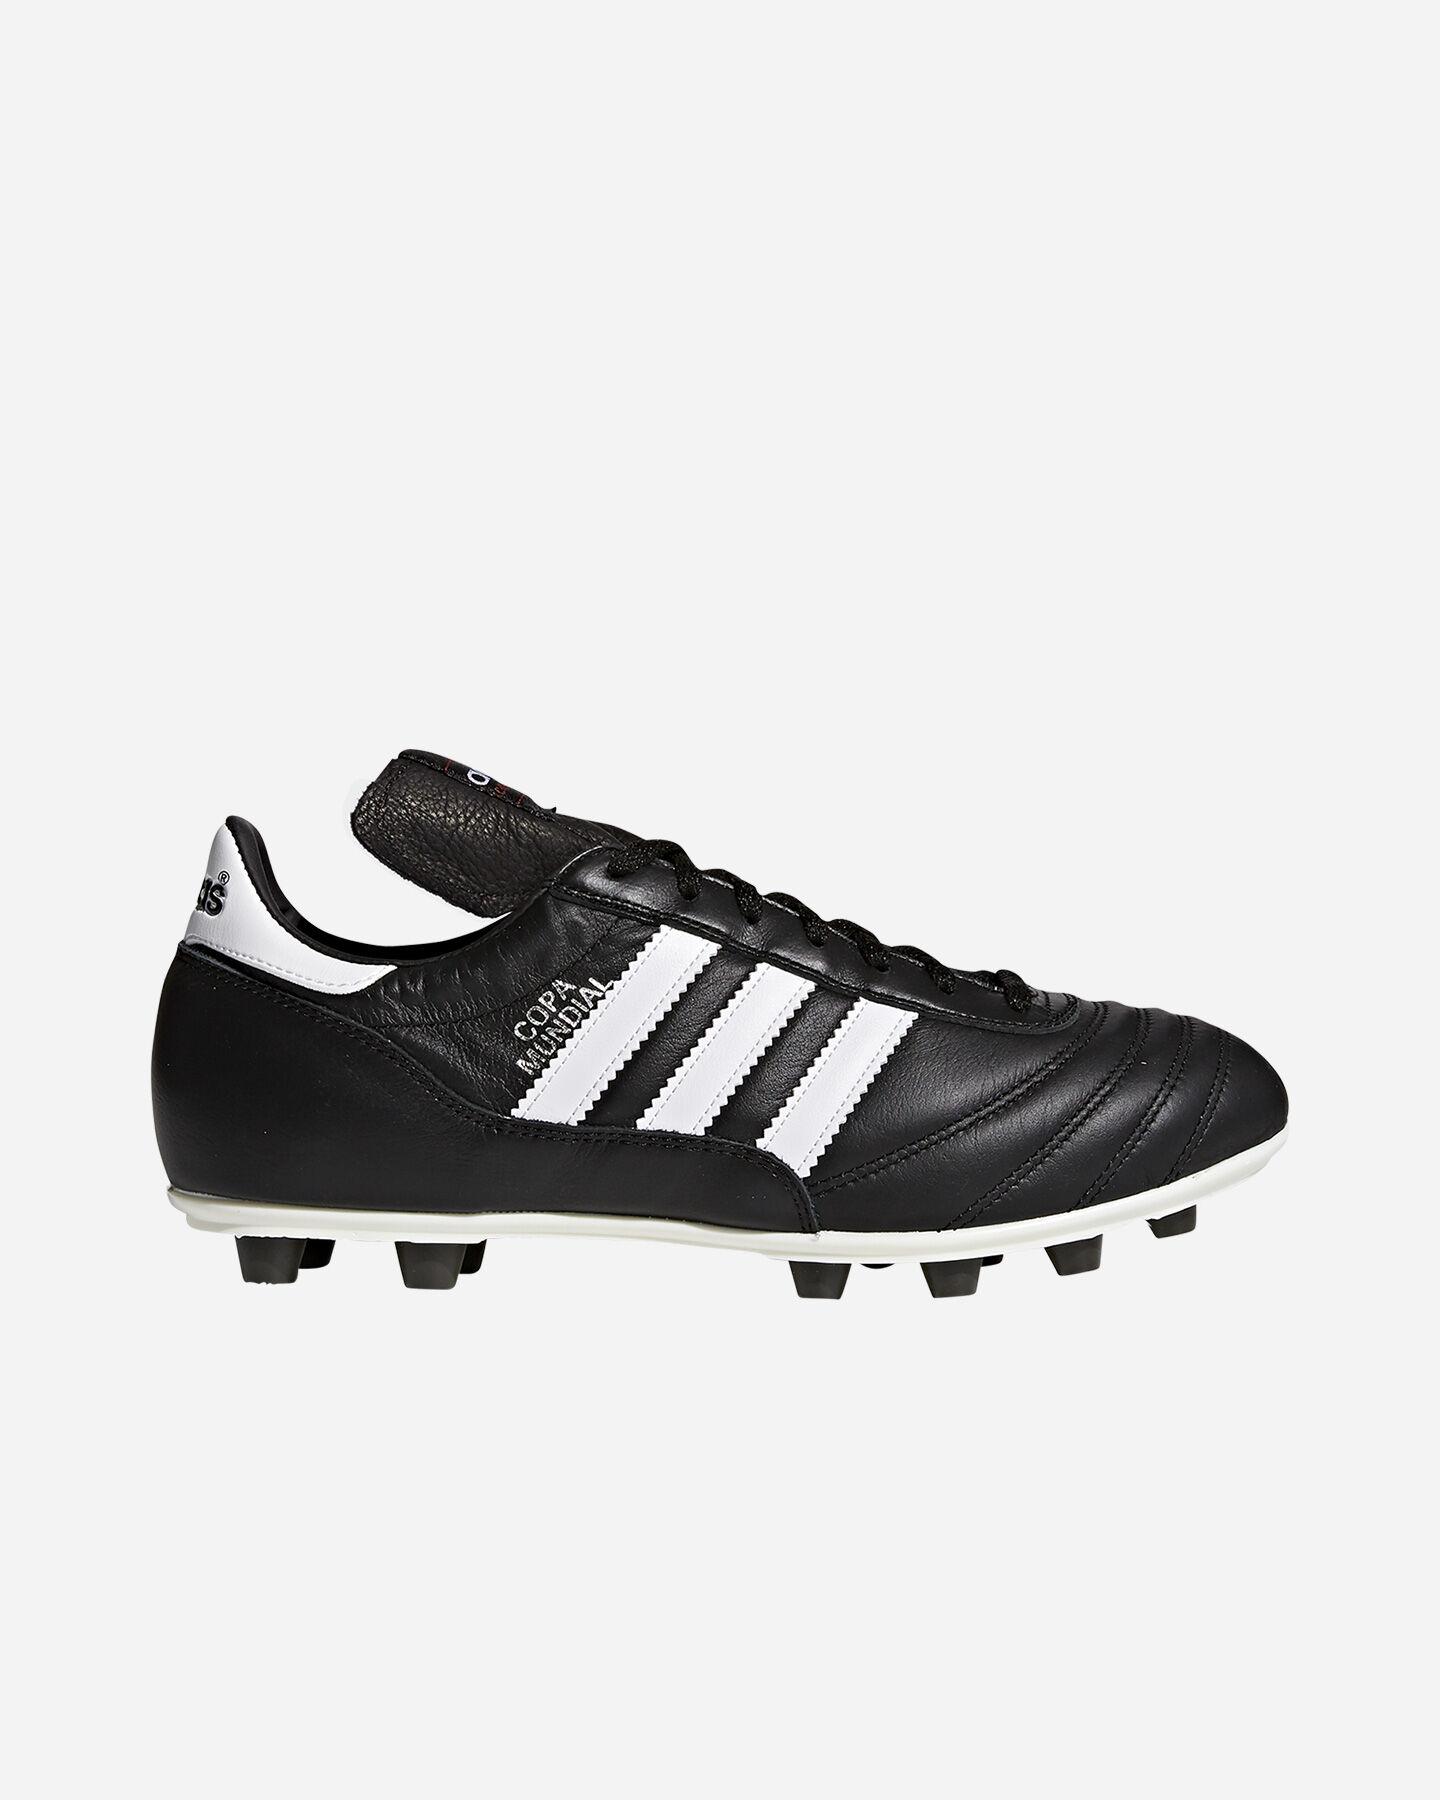 adidas scarpe calcio copa mundial